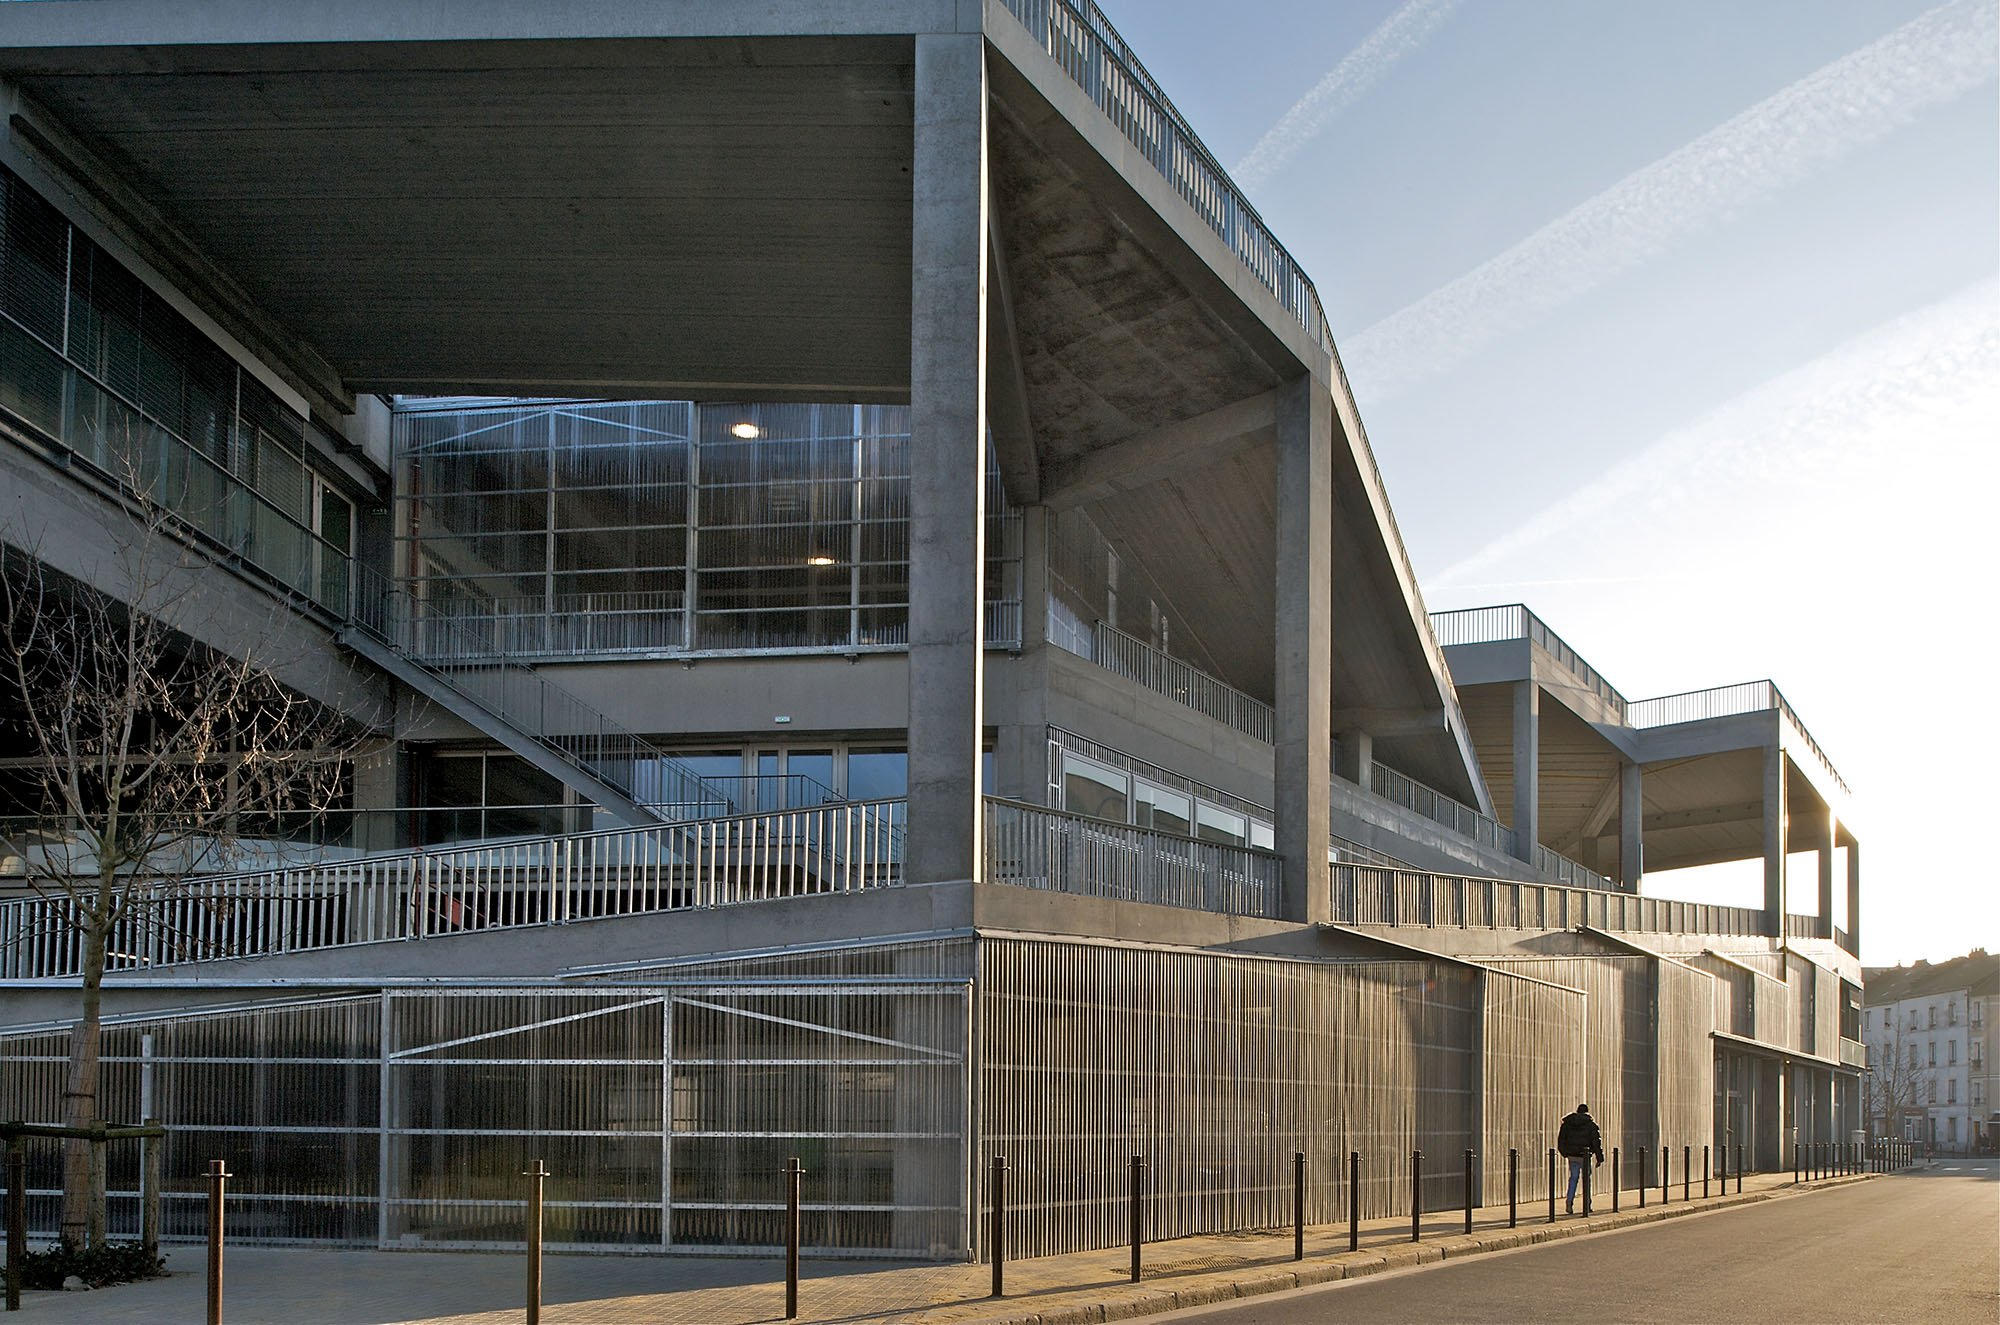 École Nationale Supérieure d'Architecture de Nantes, photo courtesy of Philippe Ruault